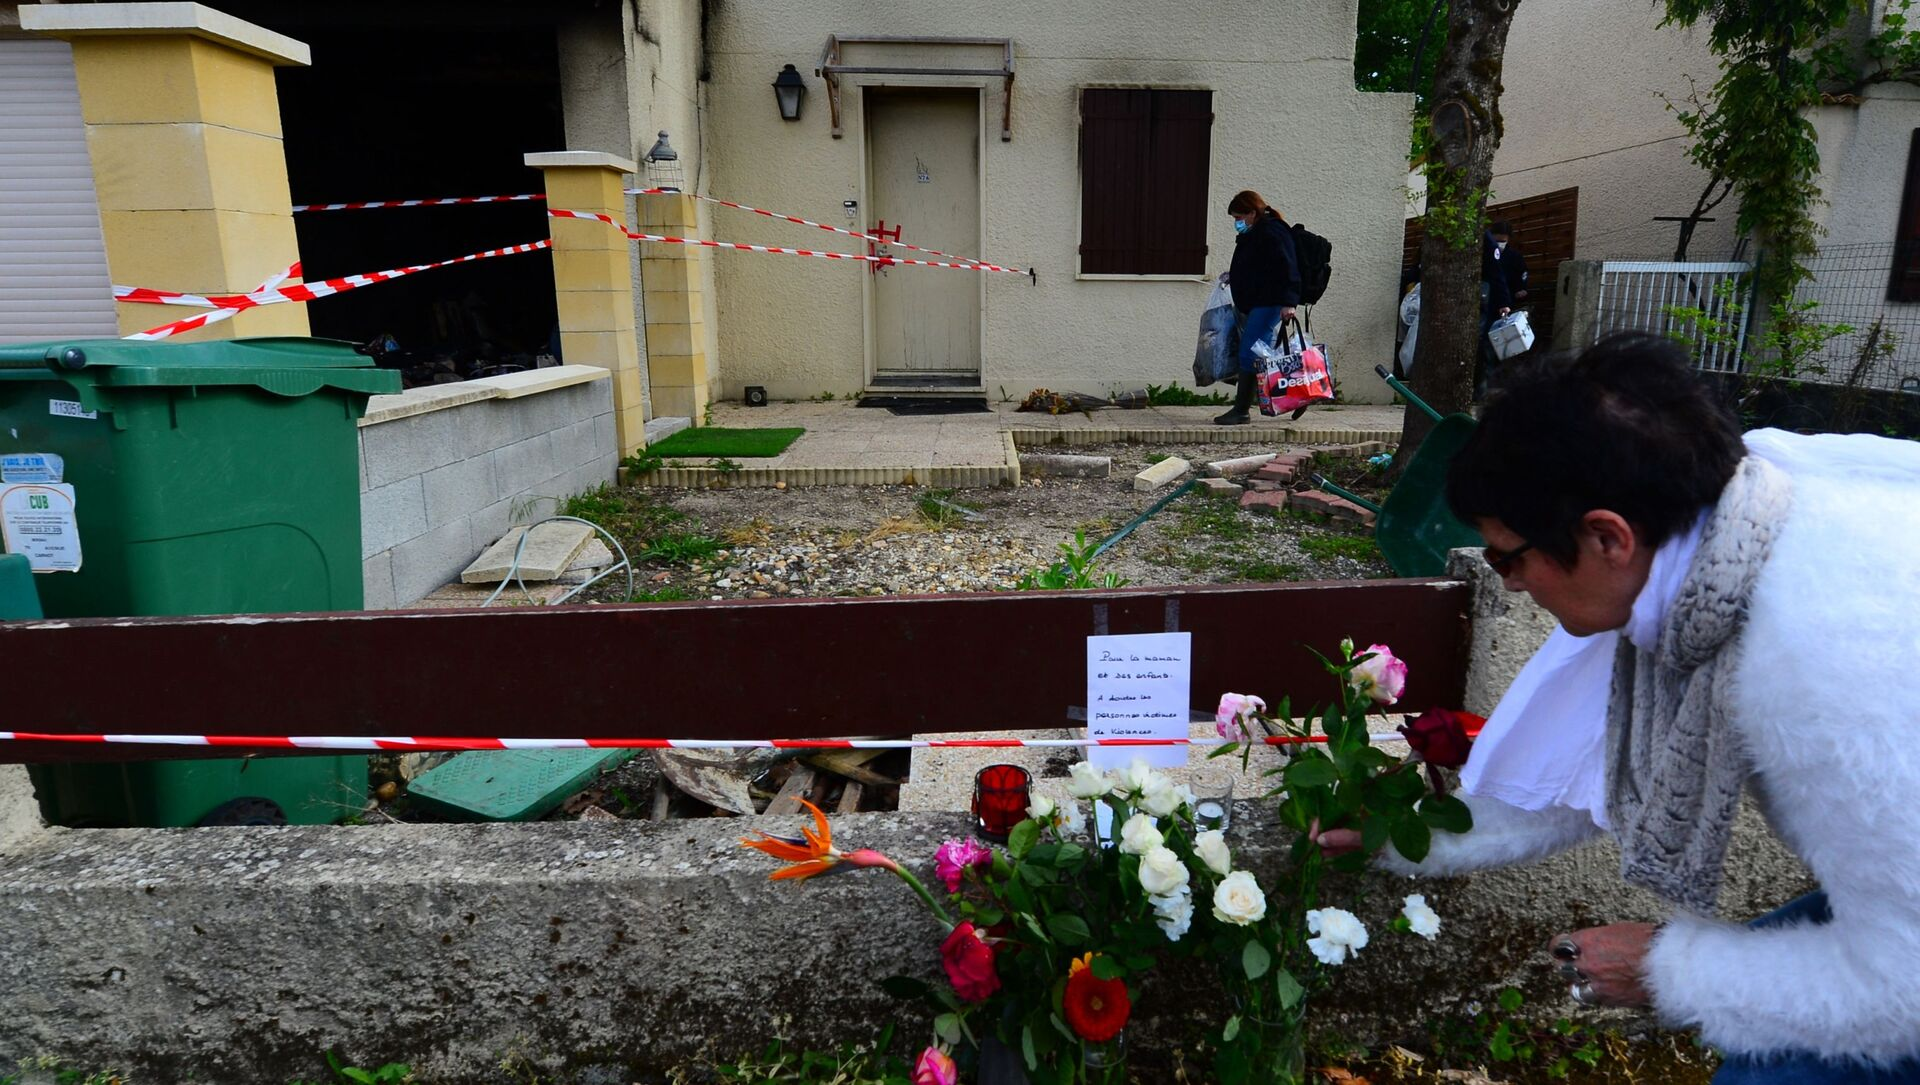 Hommage à Chahinez B., immolée par le feu par son mari près de Bordeaux, à Mérignac - Sputnik France, 1920, 04.08.2021